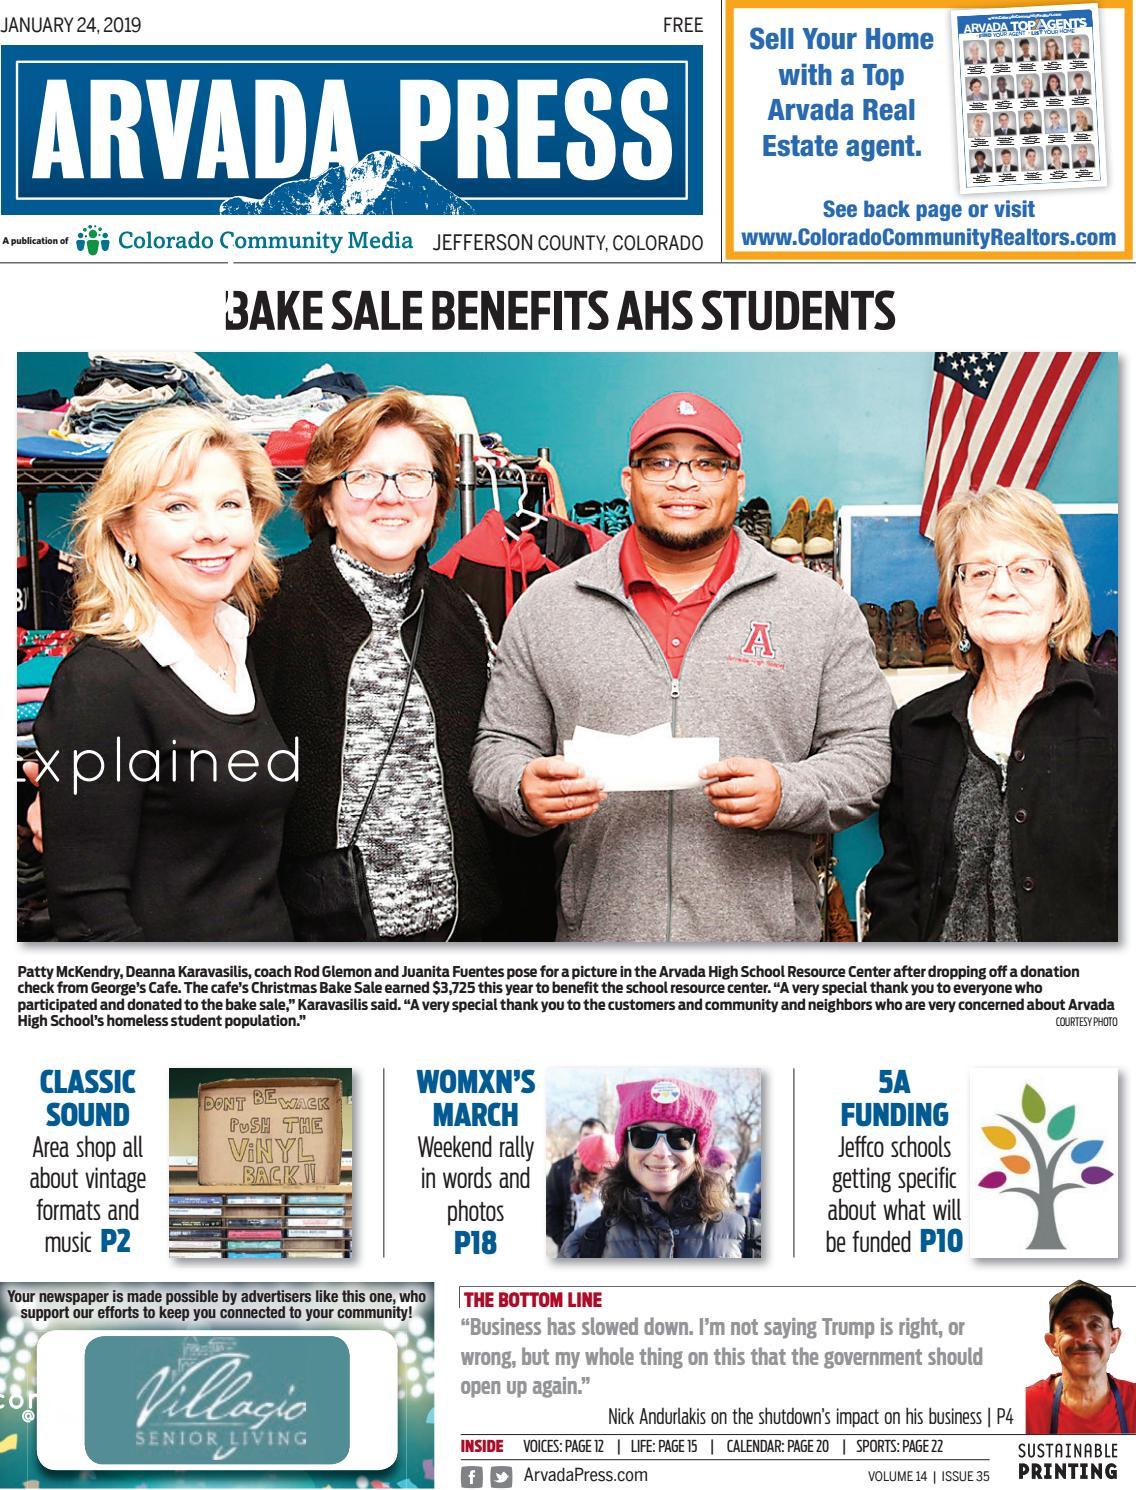 Arvada Press 0124 by Colorado Community Media - issuu